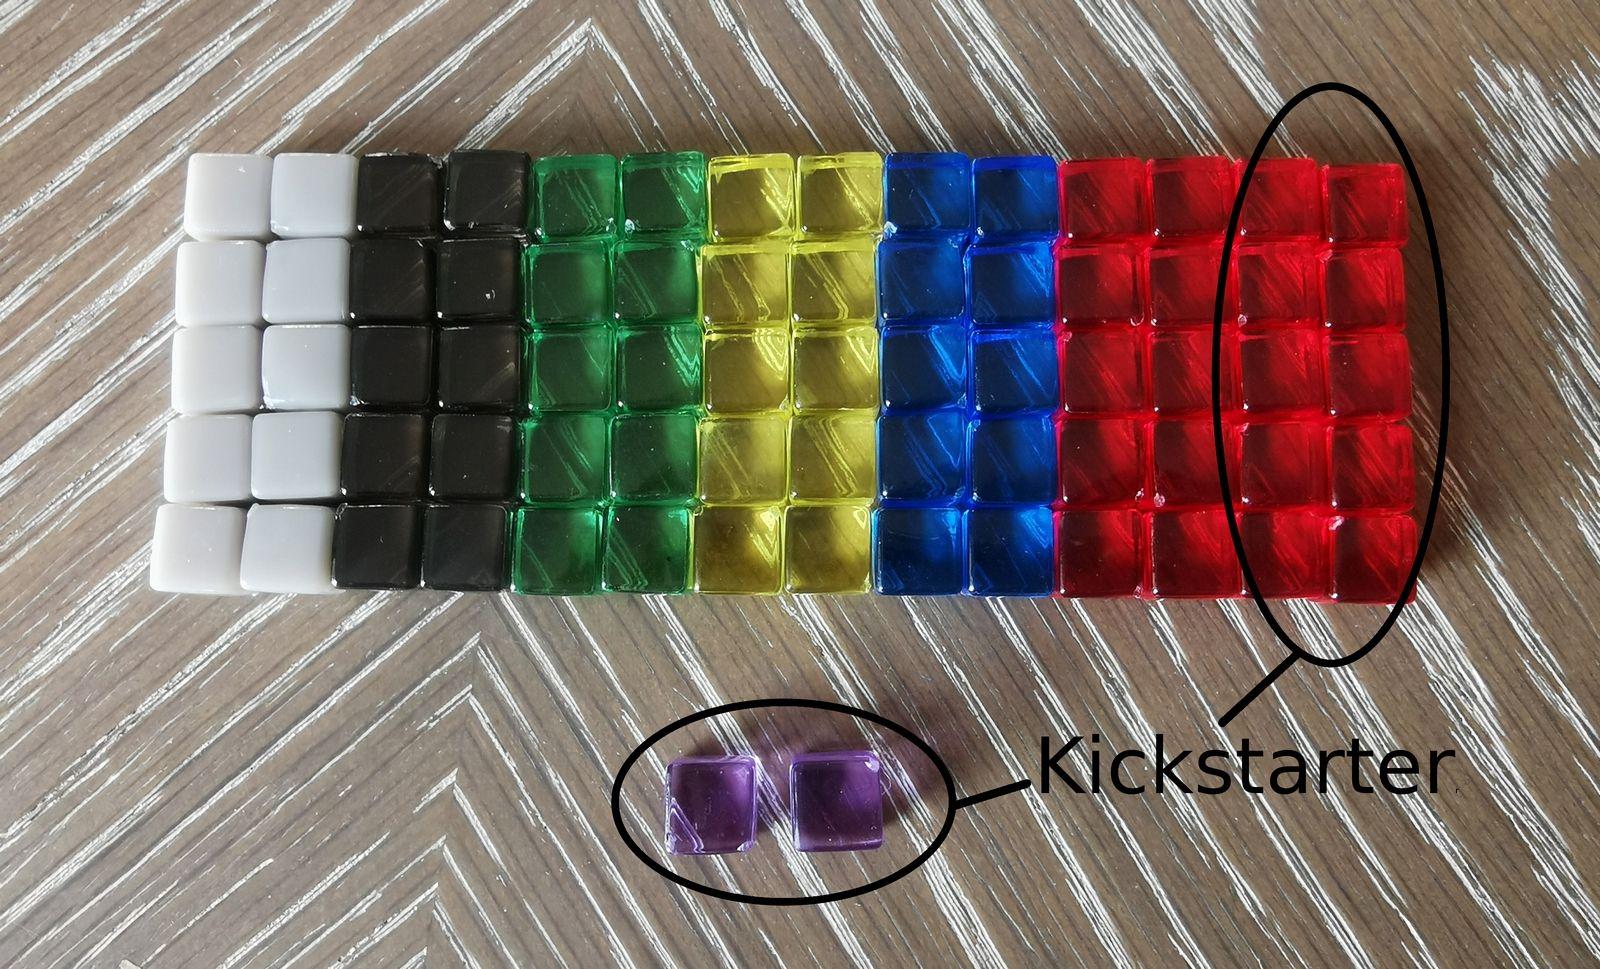 10 de chaque dans la boîte de base. Et pour la version kickstarter : 10 Krystallium de plus et 2 cubes mystères mauves : on n'a pas droit de spoiler ;)